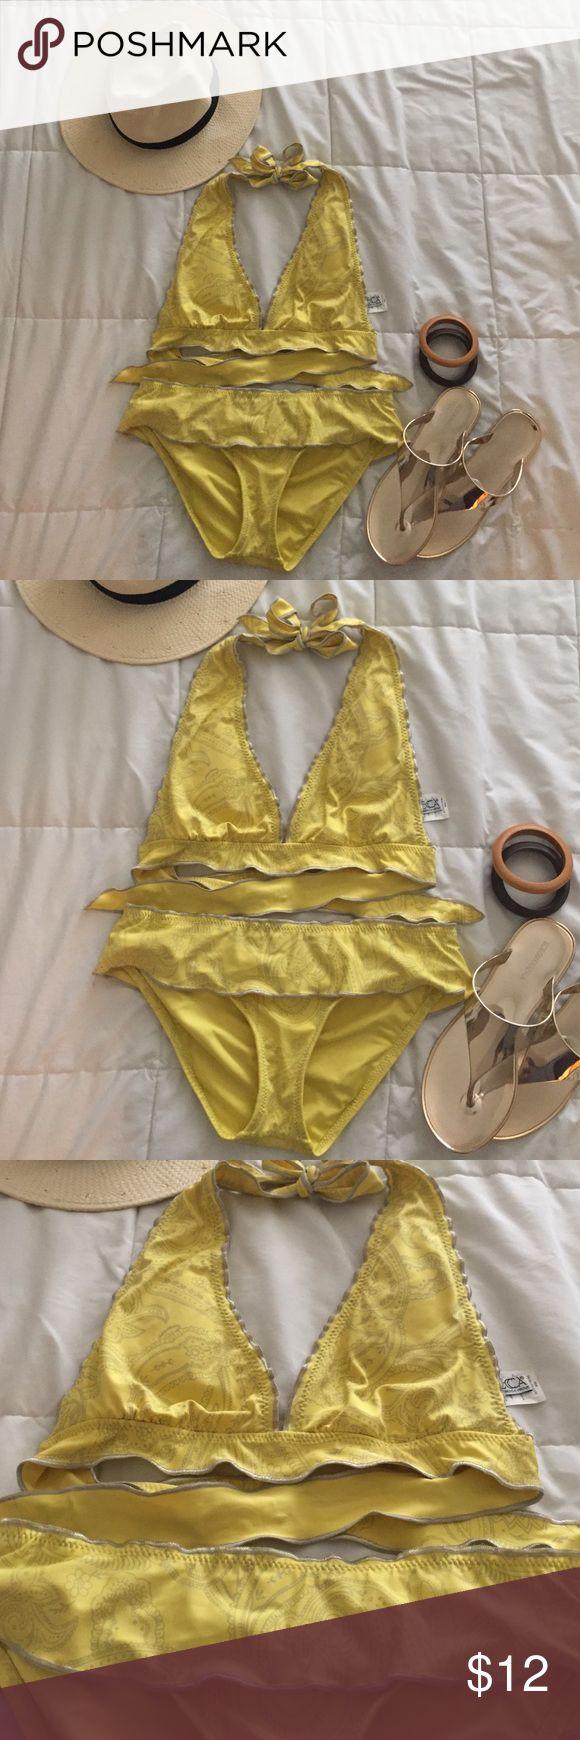 Bikini 👙 winter holiday 🍋 yellow and paisley BECCA BIKINI ( one time use) size MM( my bra is 34 DDD) fits great ! BECCA Swim Bikinis